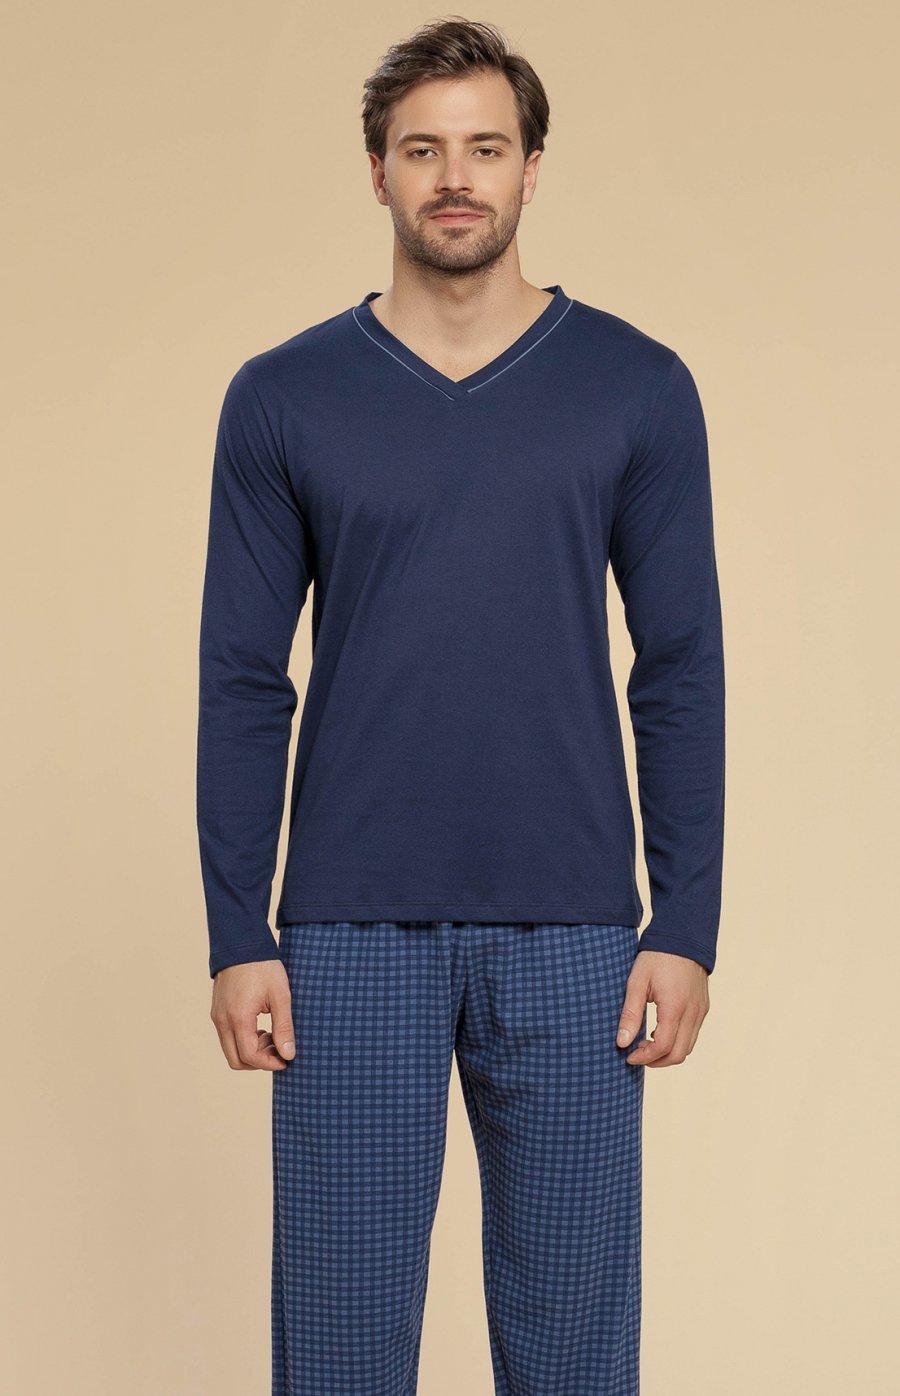 Pijama 100% Algodão Relax Inverno 2019 CLOUD CLUB